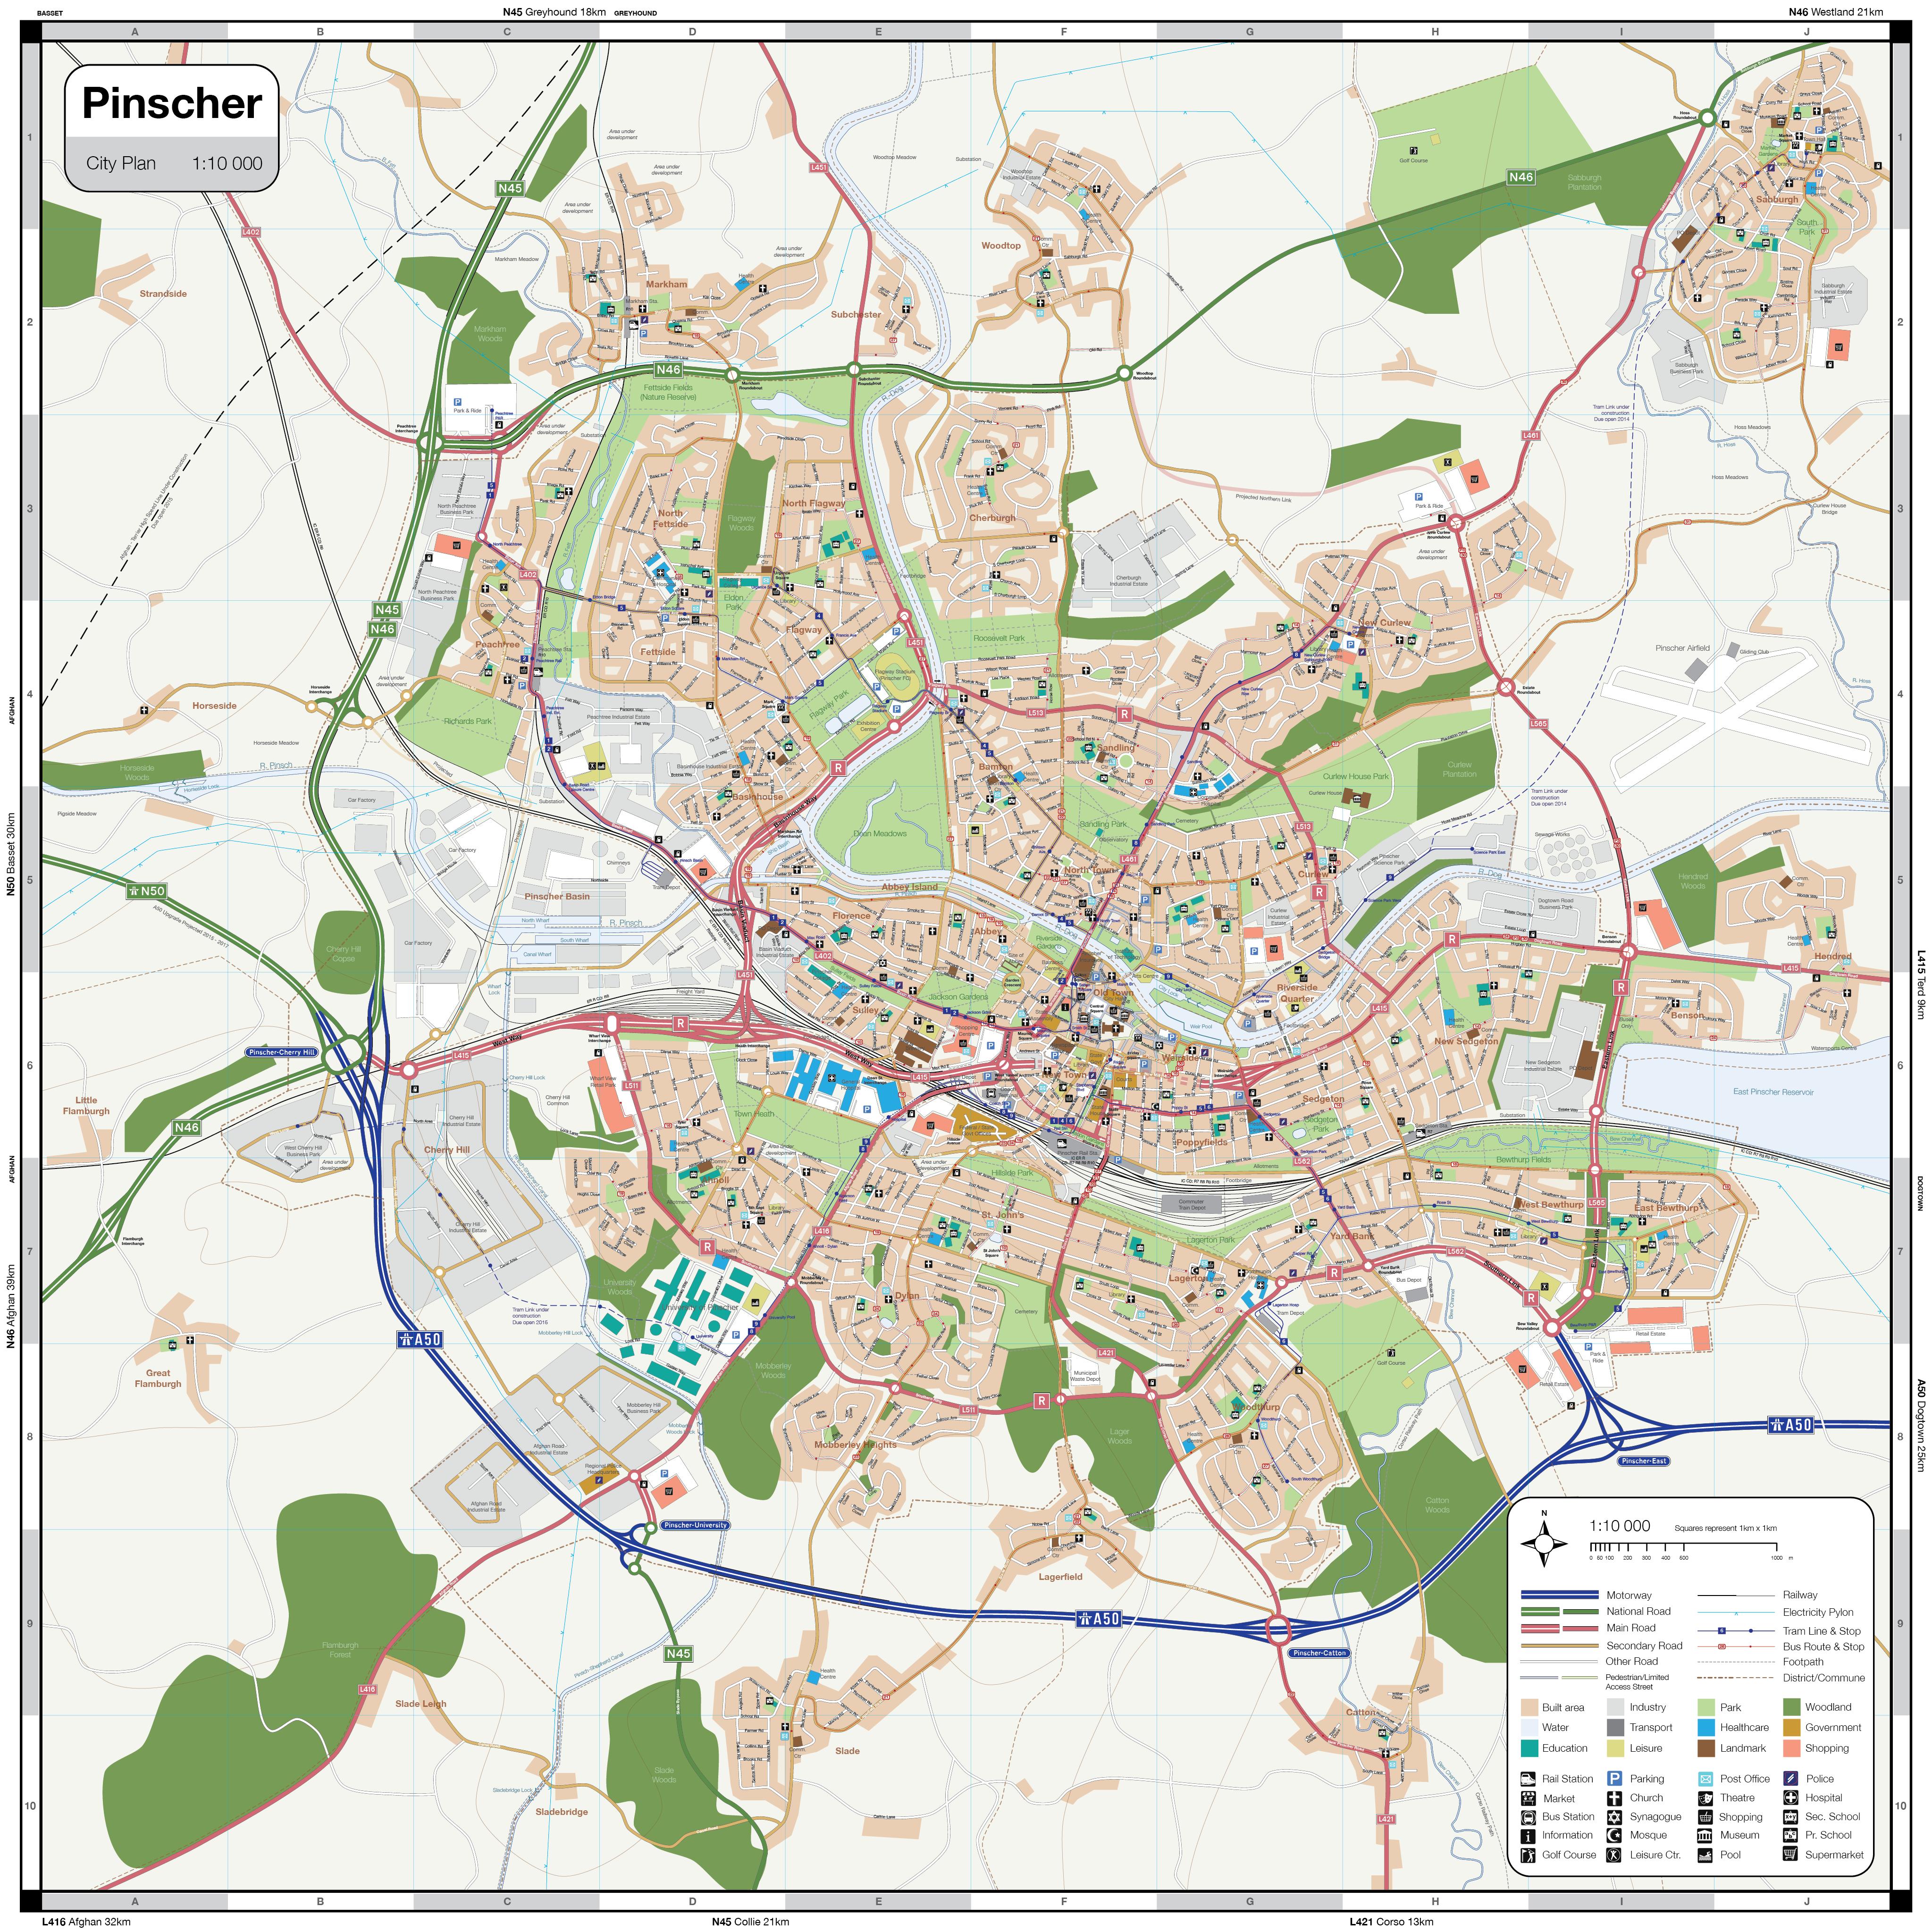 Pinscher city map